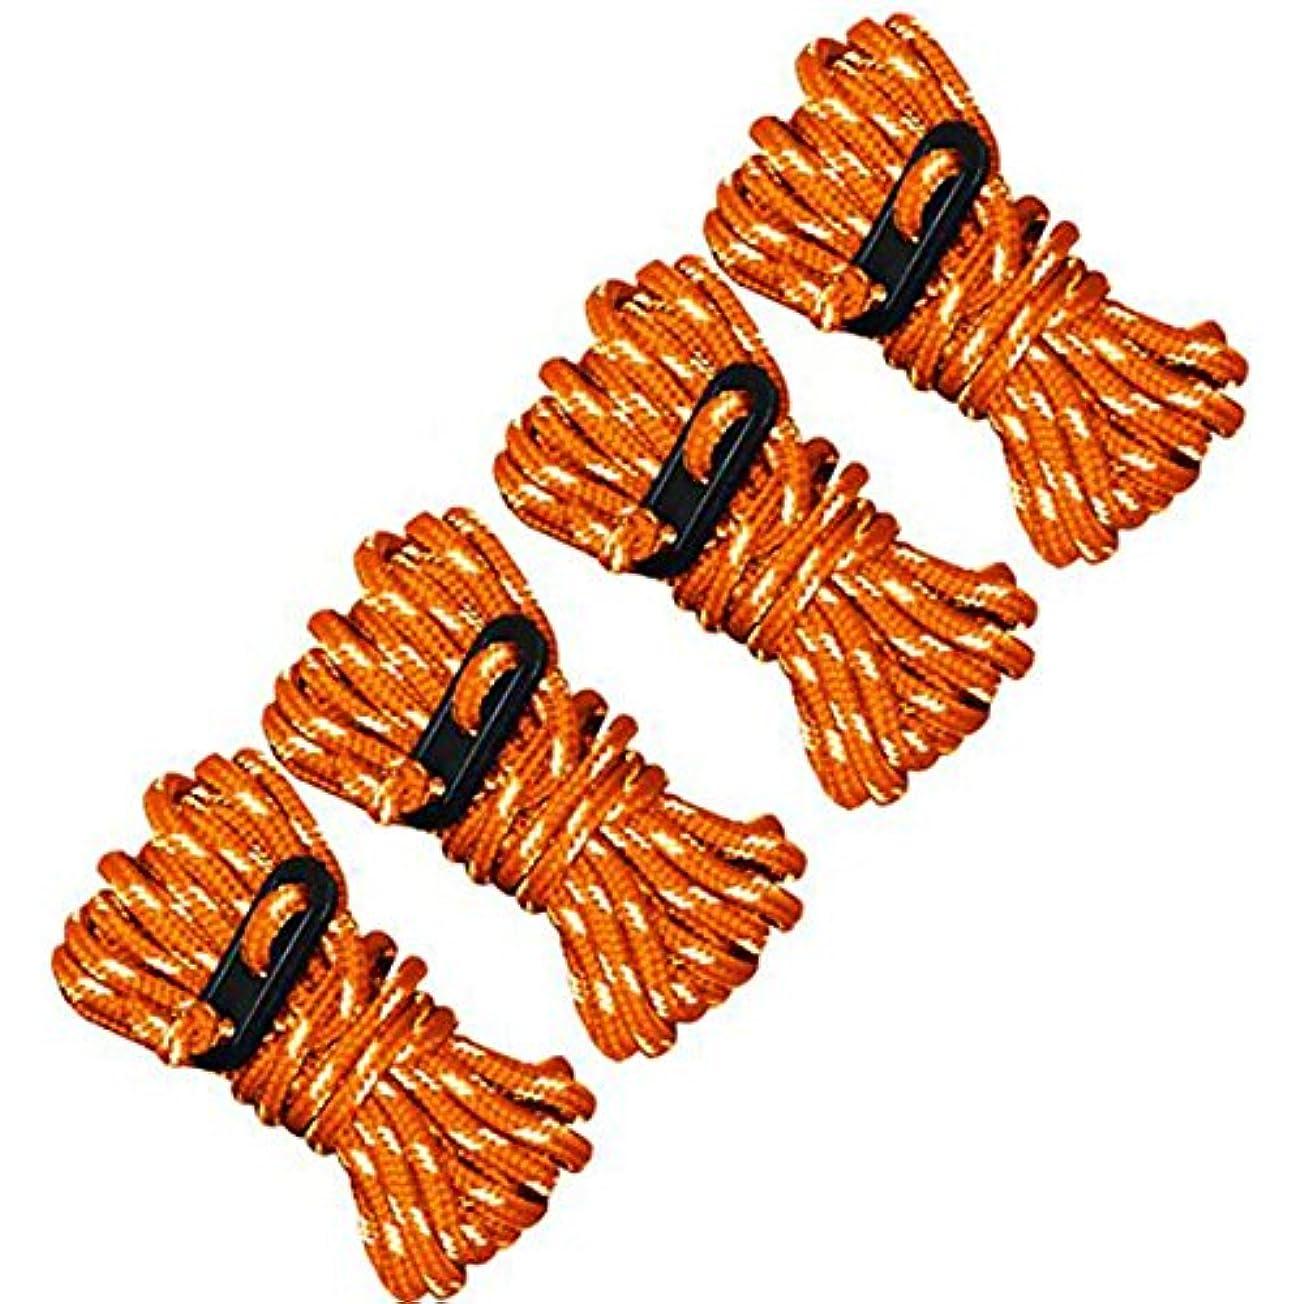 戻すビクタージェームズダイソンUST Reflective Guy Line , Orange by UST